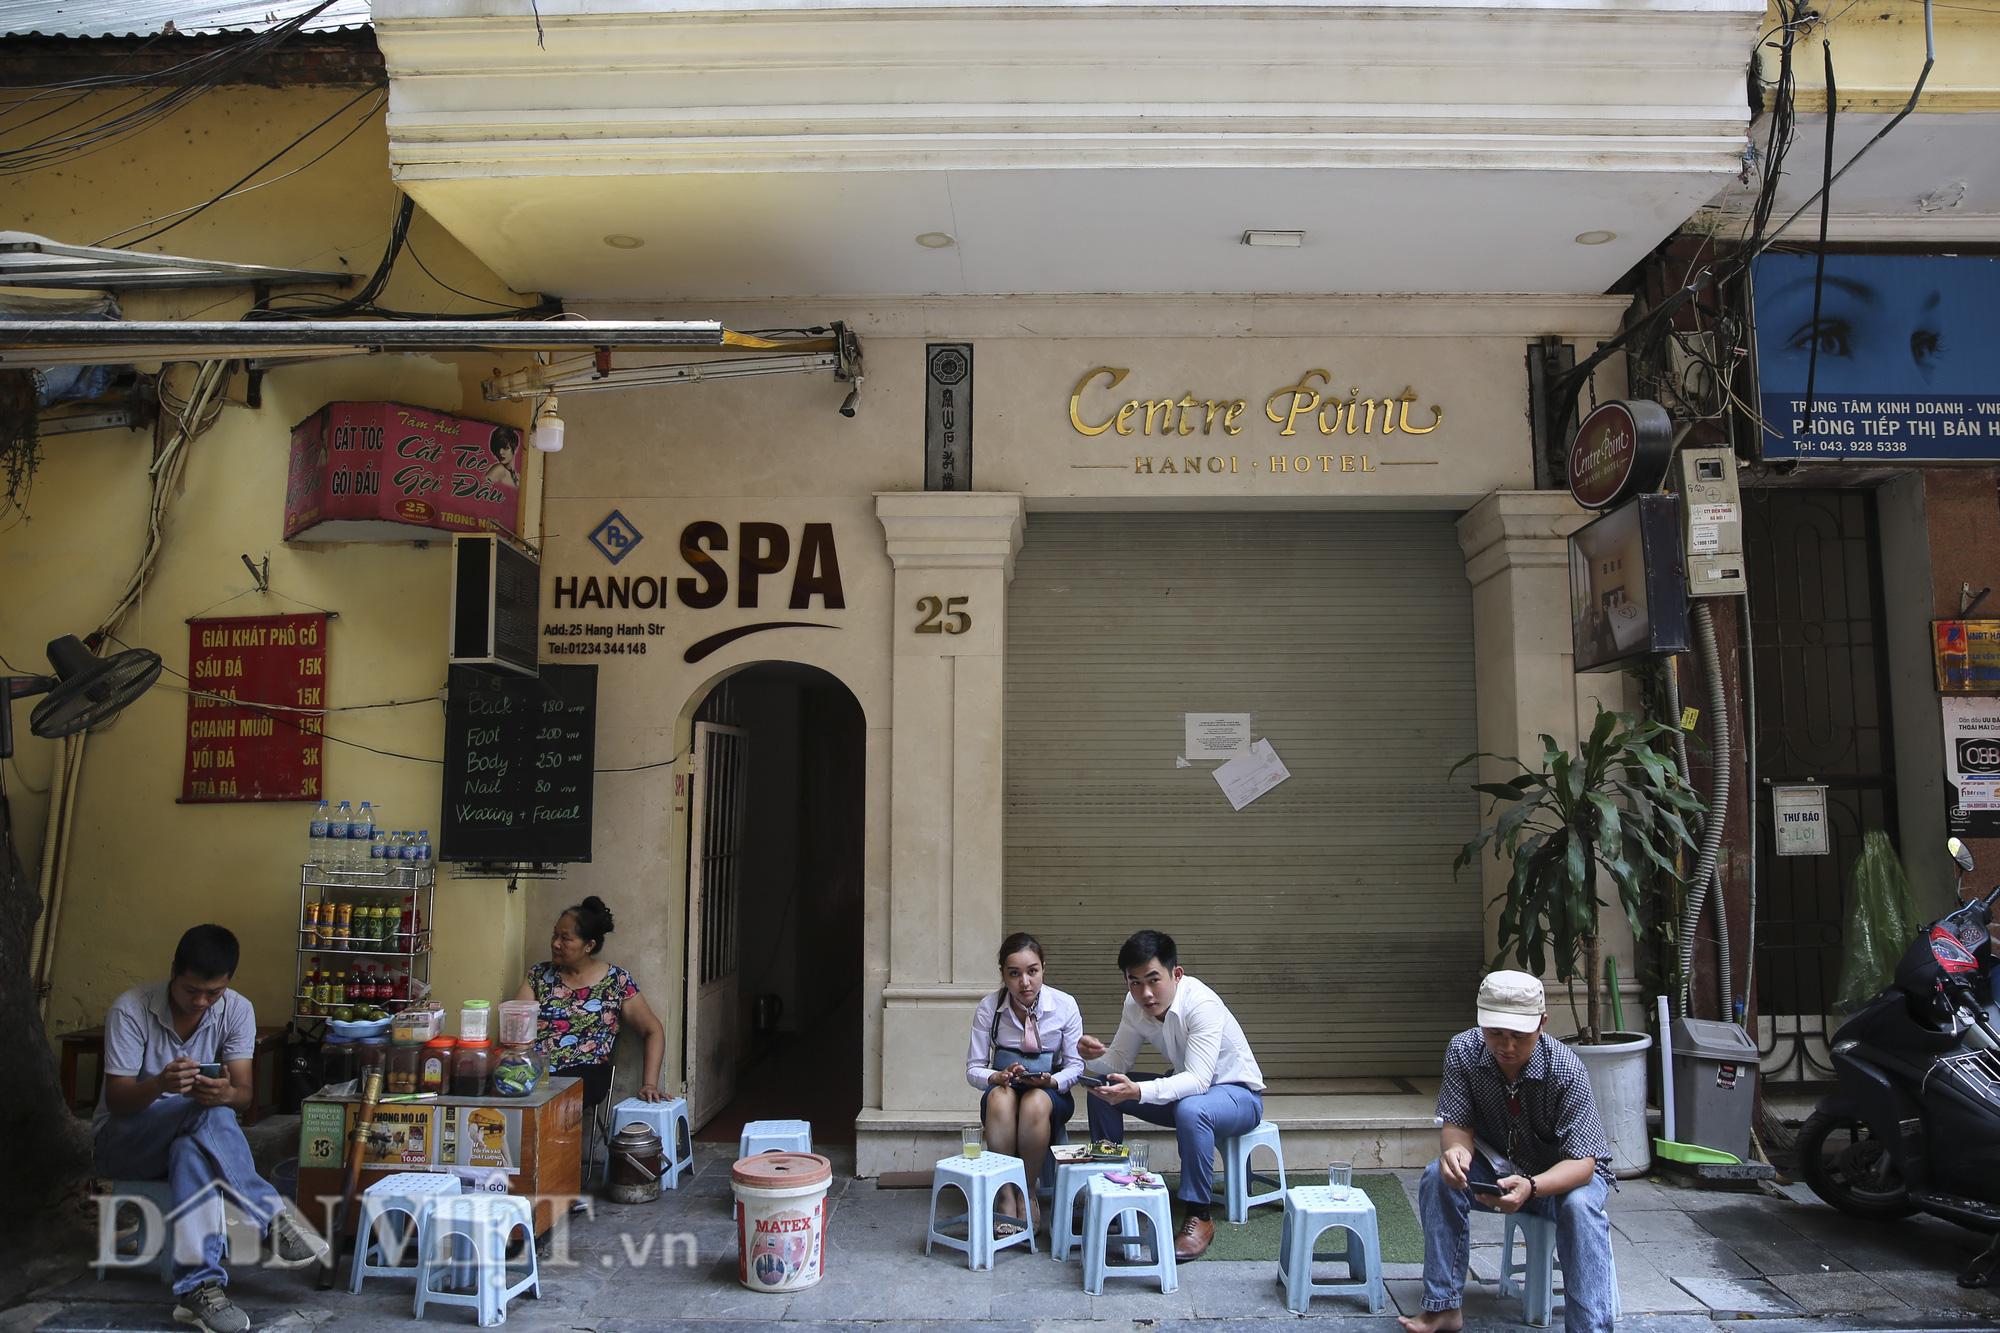 Nhiều khách sạn tại Hà Nội chưa thể mở cửa sau dịch Covid-19 - Ảnh 8.